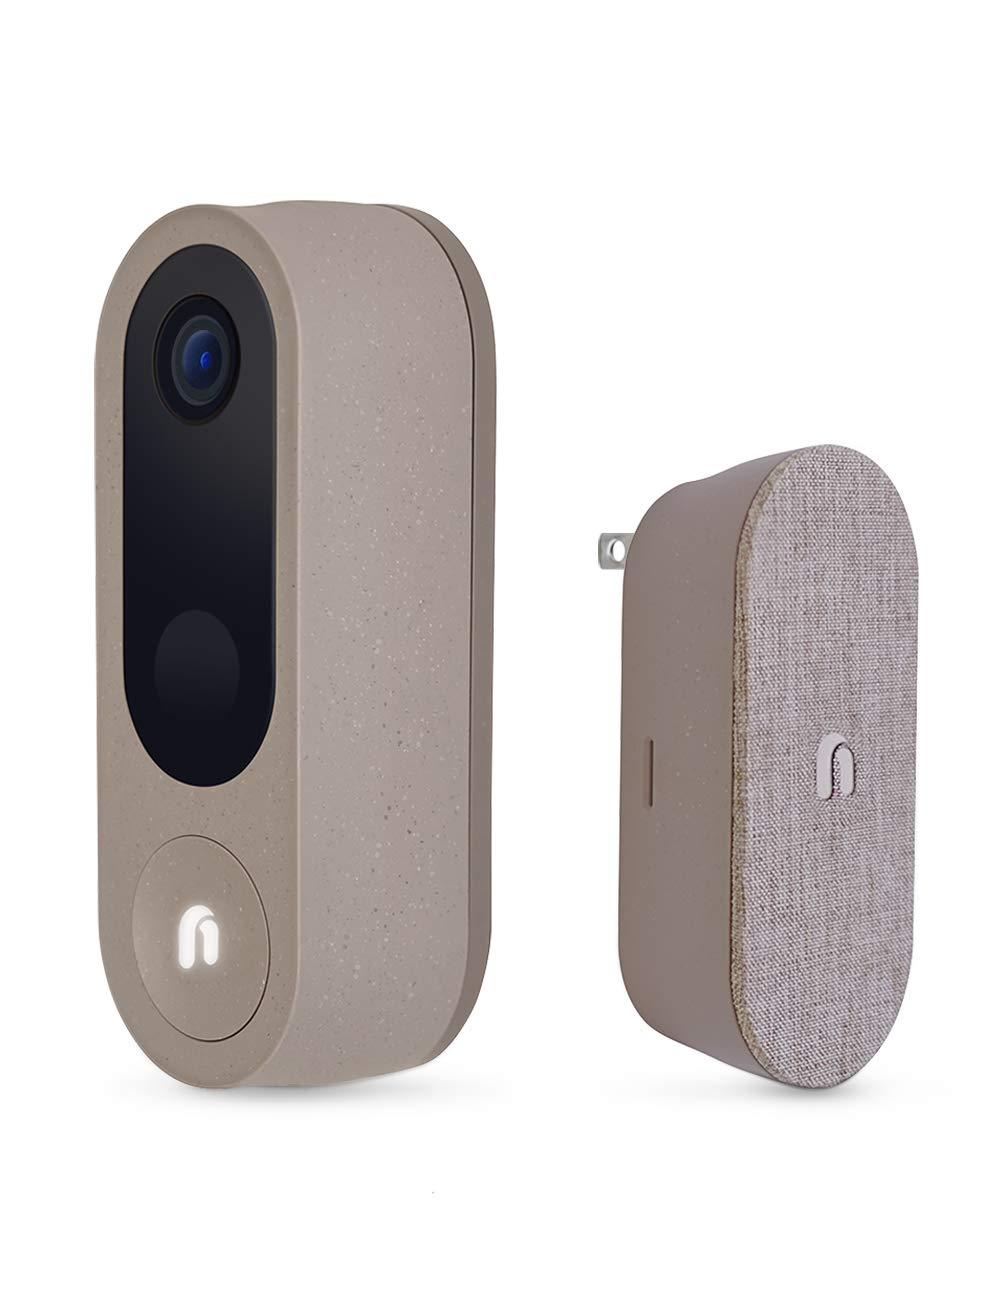 Nooie Wireless Video Doorbell Camera